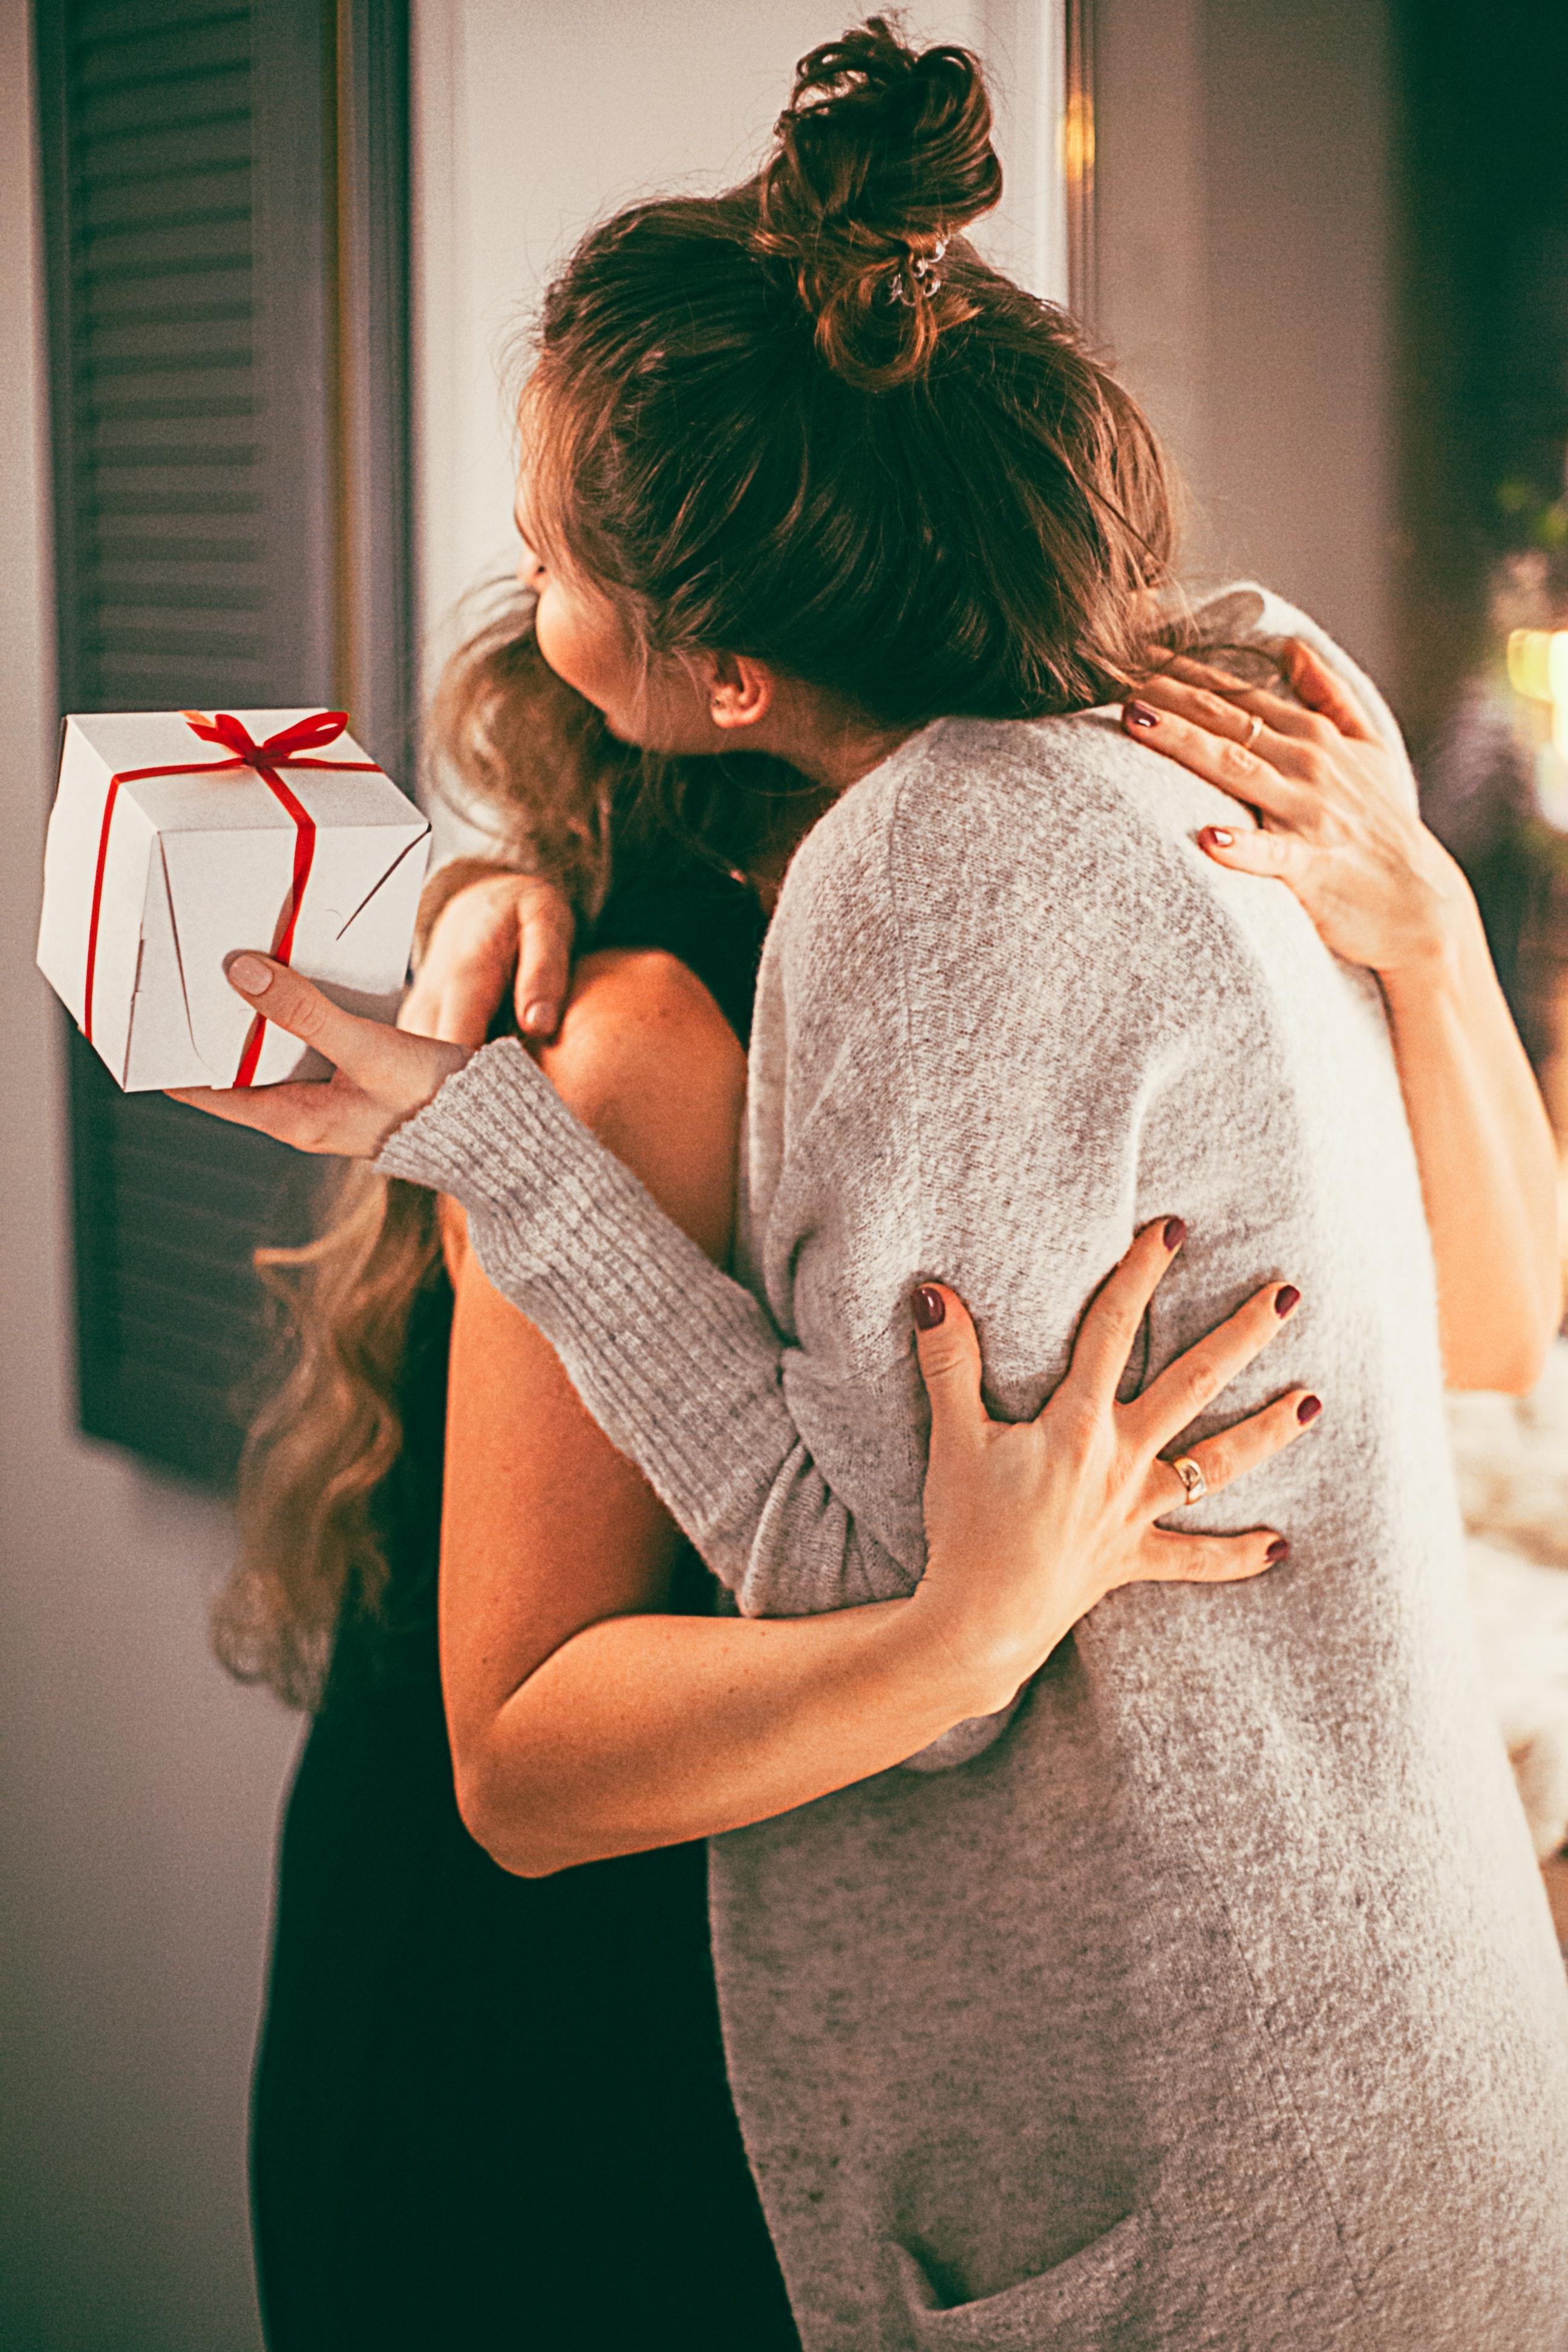 Abrazo en la entrega de regalo de Navidad